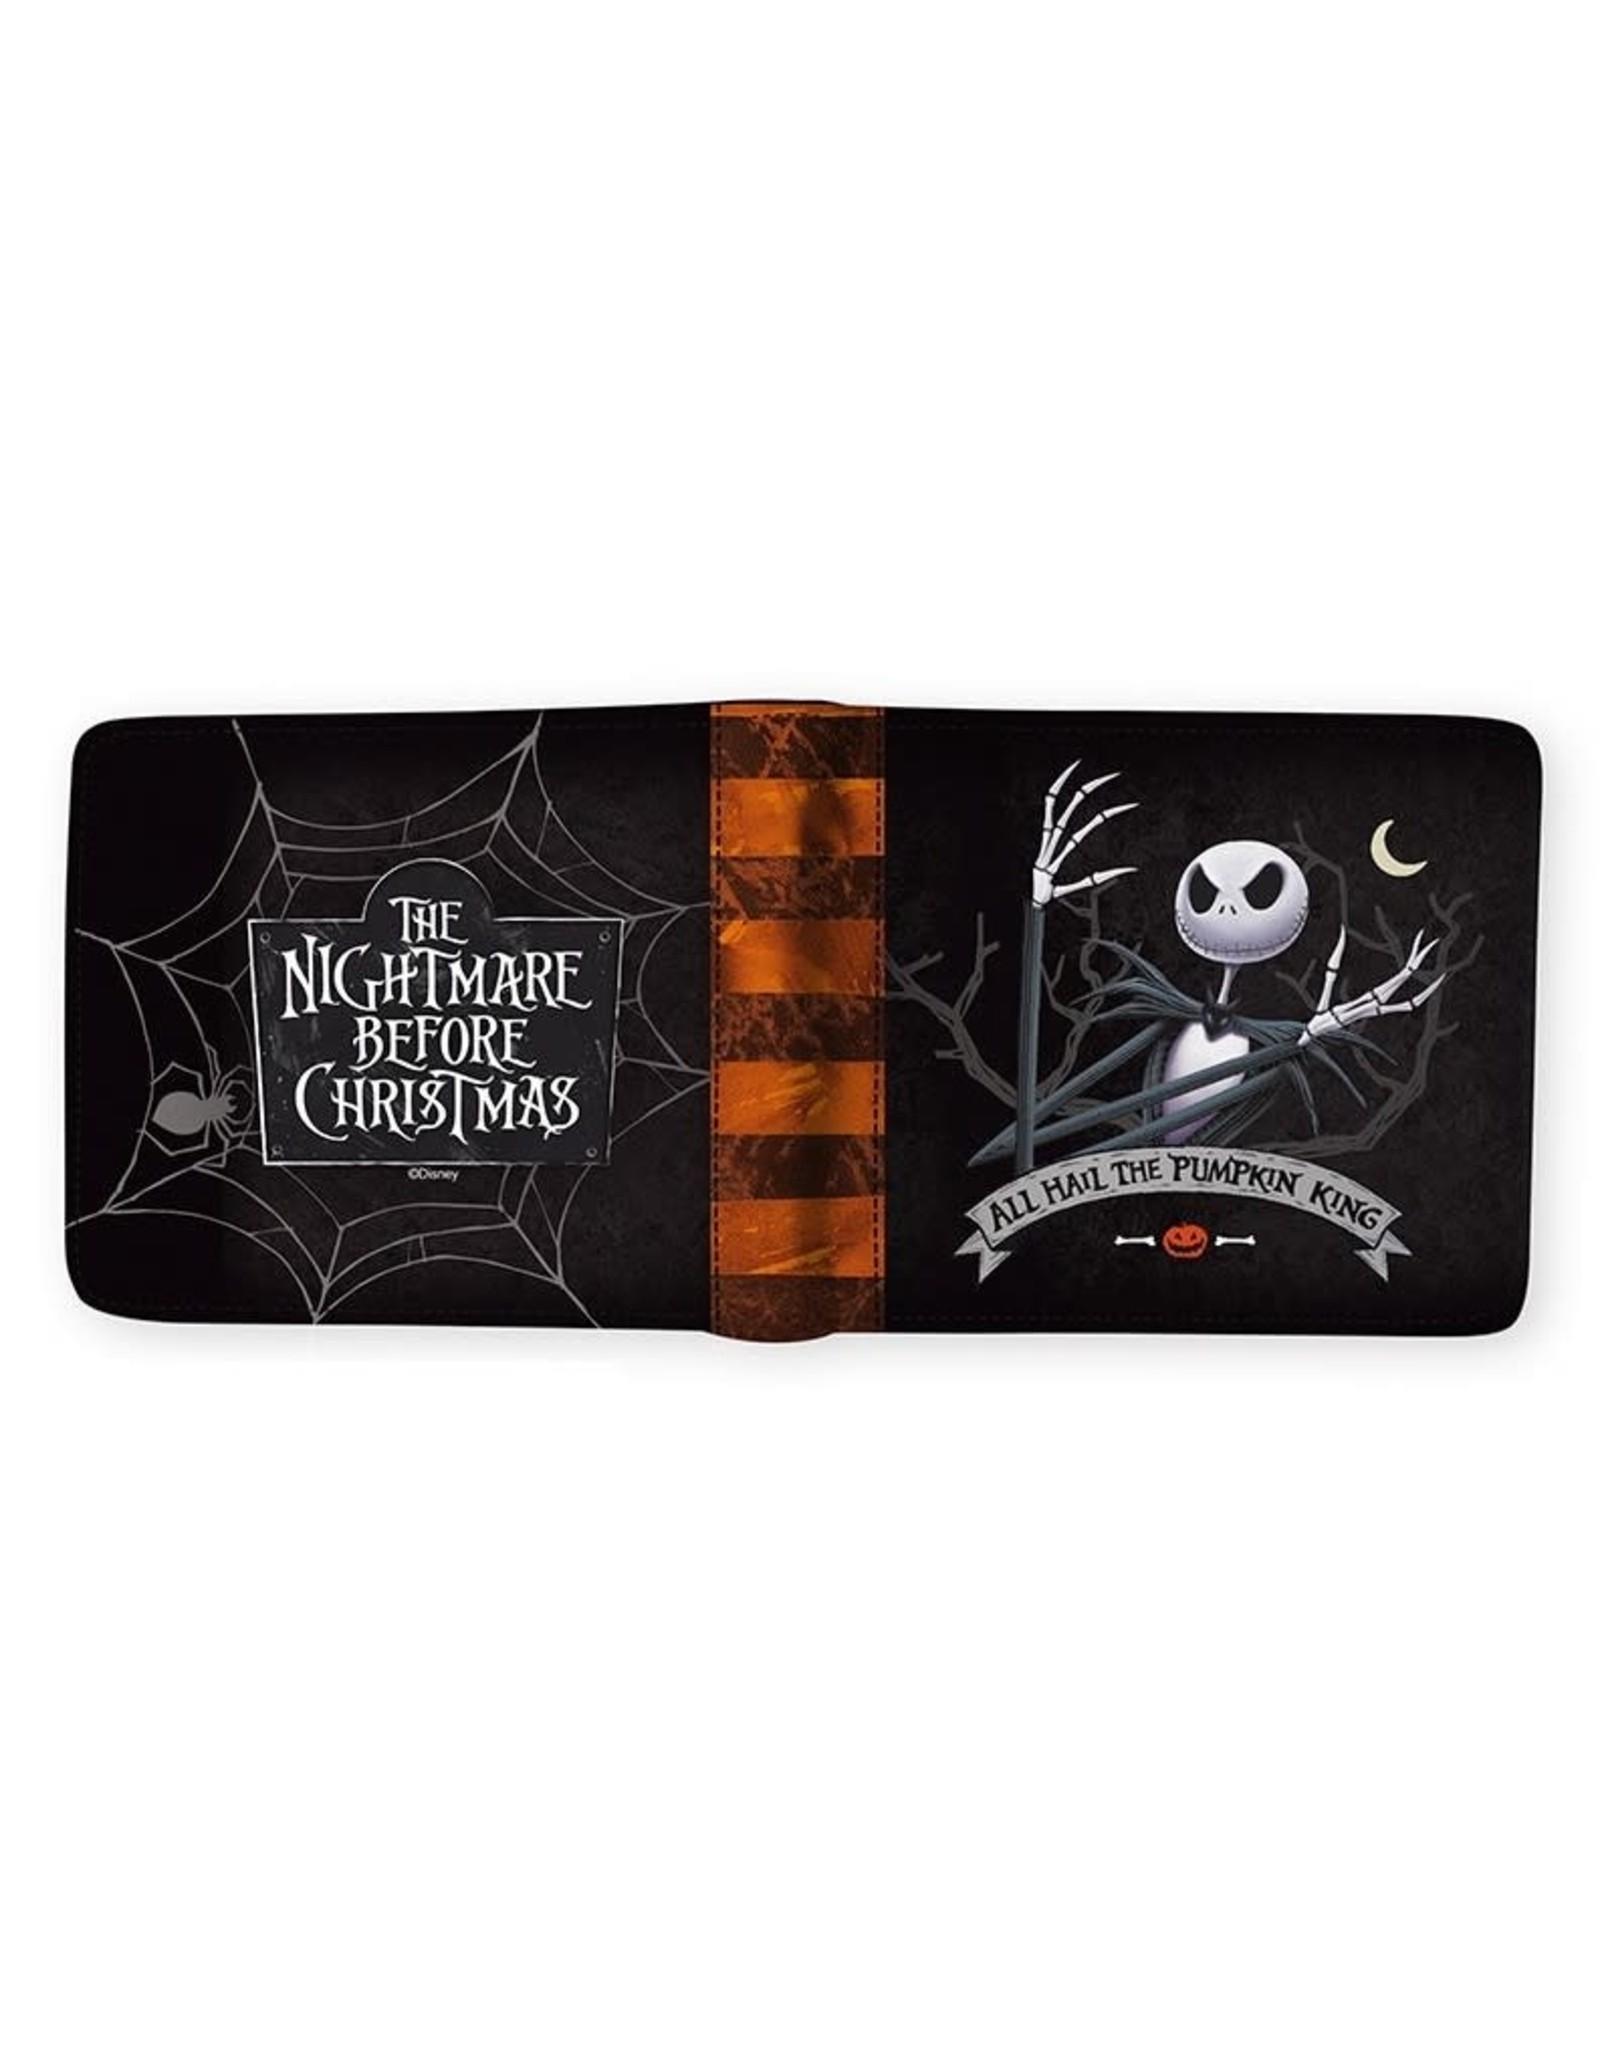 THE NIGHTMARE BEFORE CHRISTMAS Vinyl Wallet - Jack